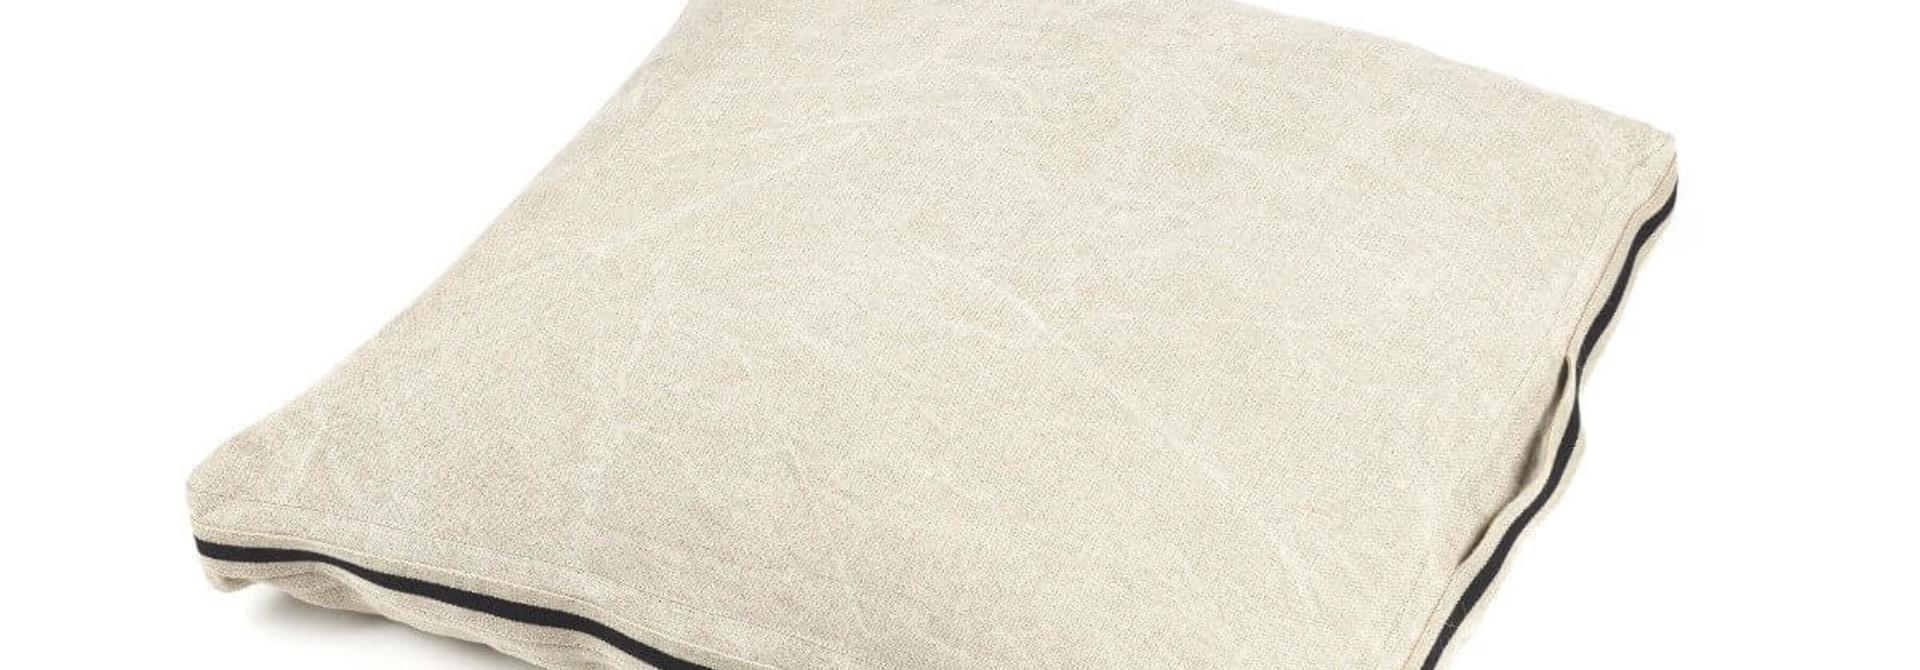 James Floor Cushion - Flax